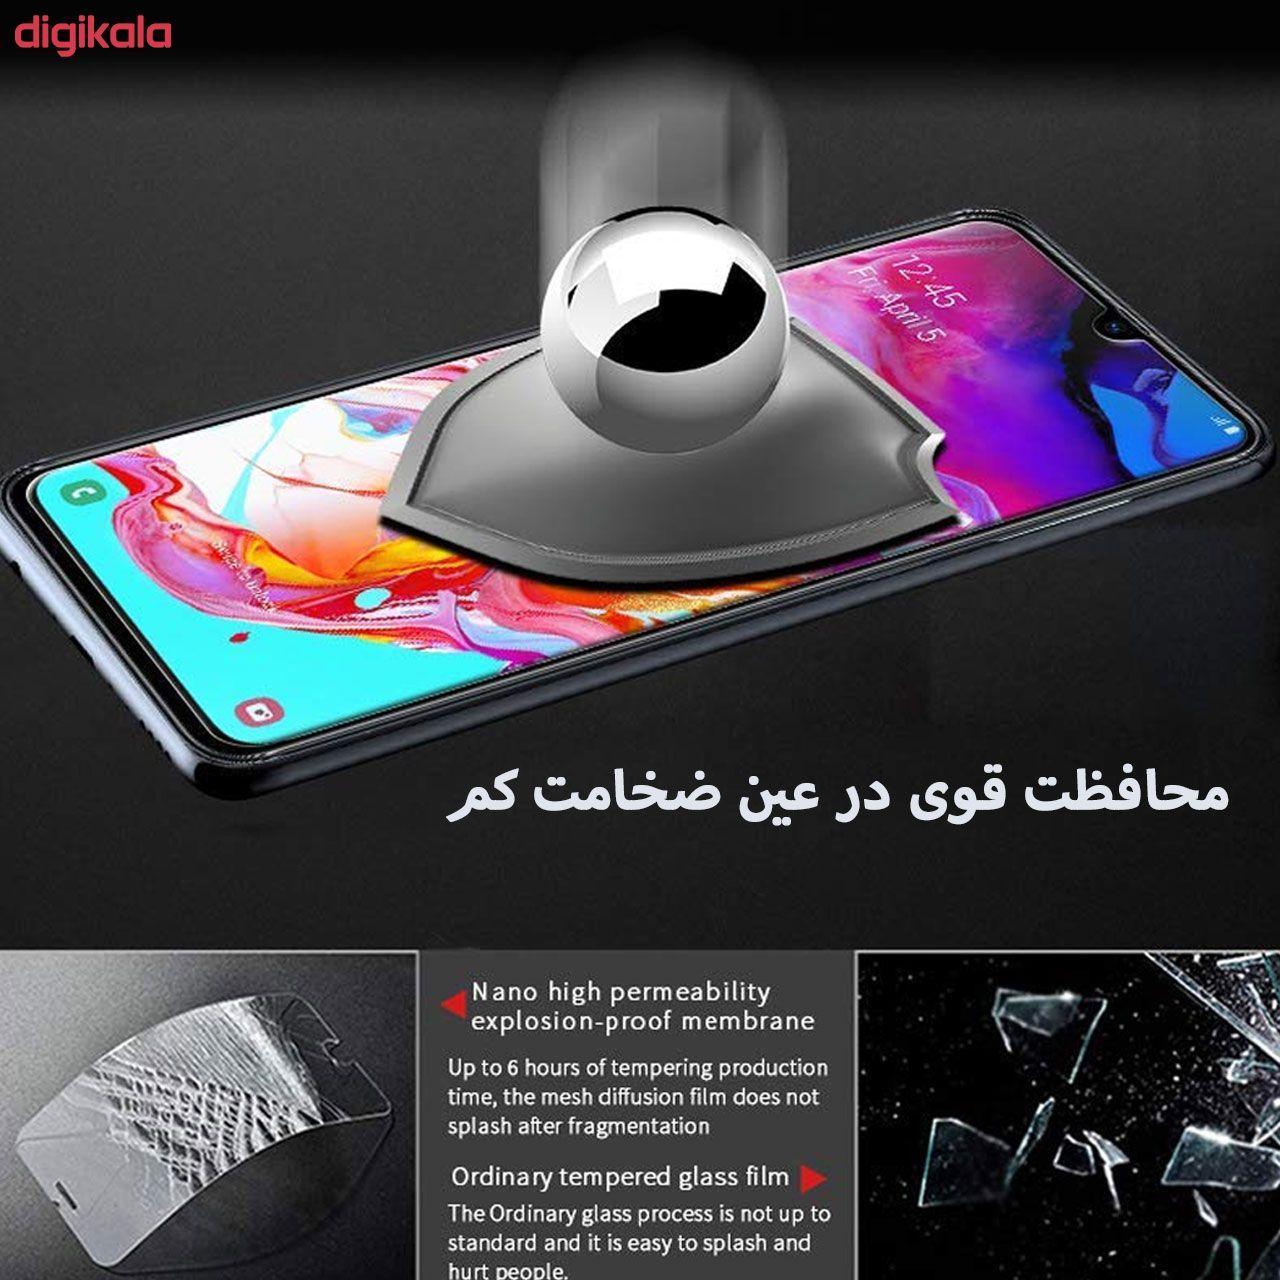 محافظ صفحه نمایش هورس مدل UCC مناسب برای گوشی موبایل سامسونگ Galaxy A70 بسته دو عددی main 1 7